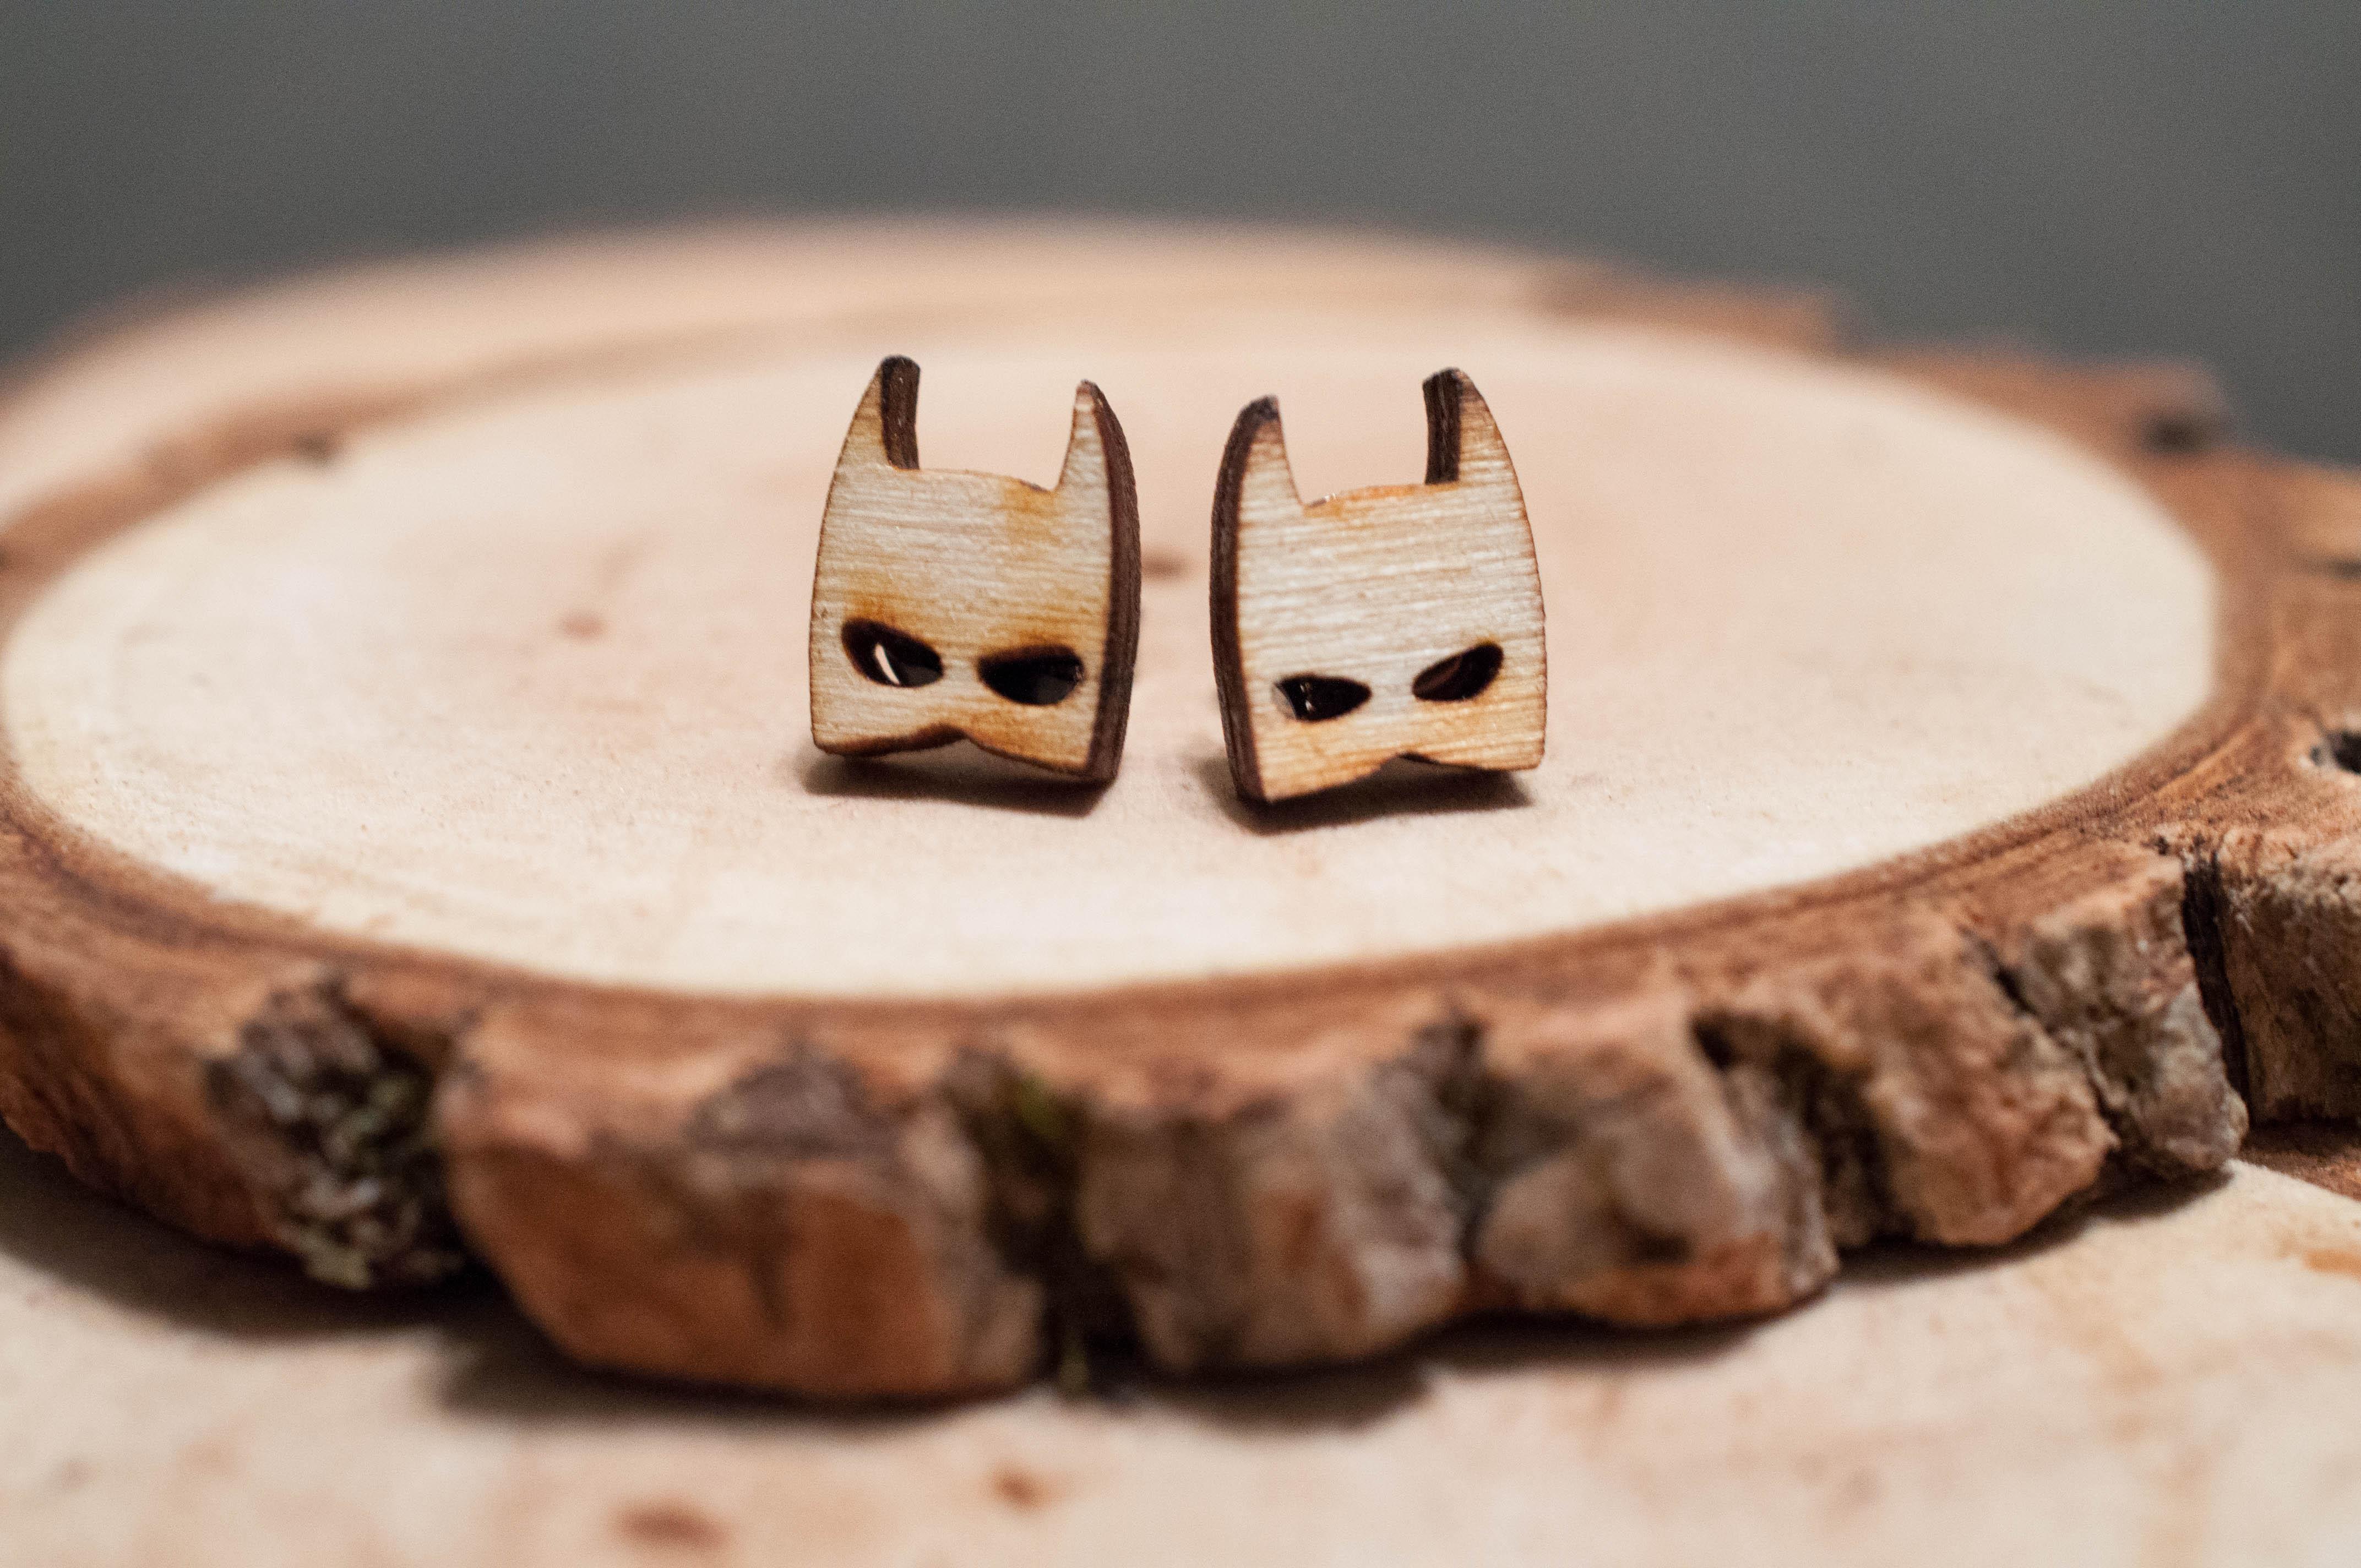 Batman Laser Cut Wood Earrings | super hero earrings | Unisex earrings from  SimplistiCreations